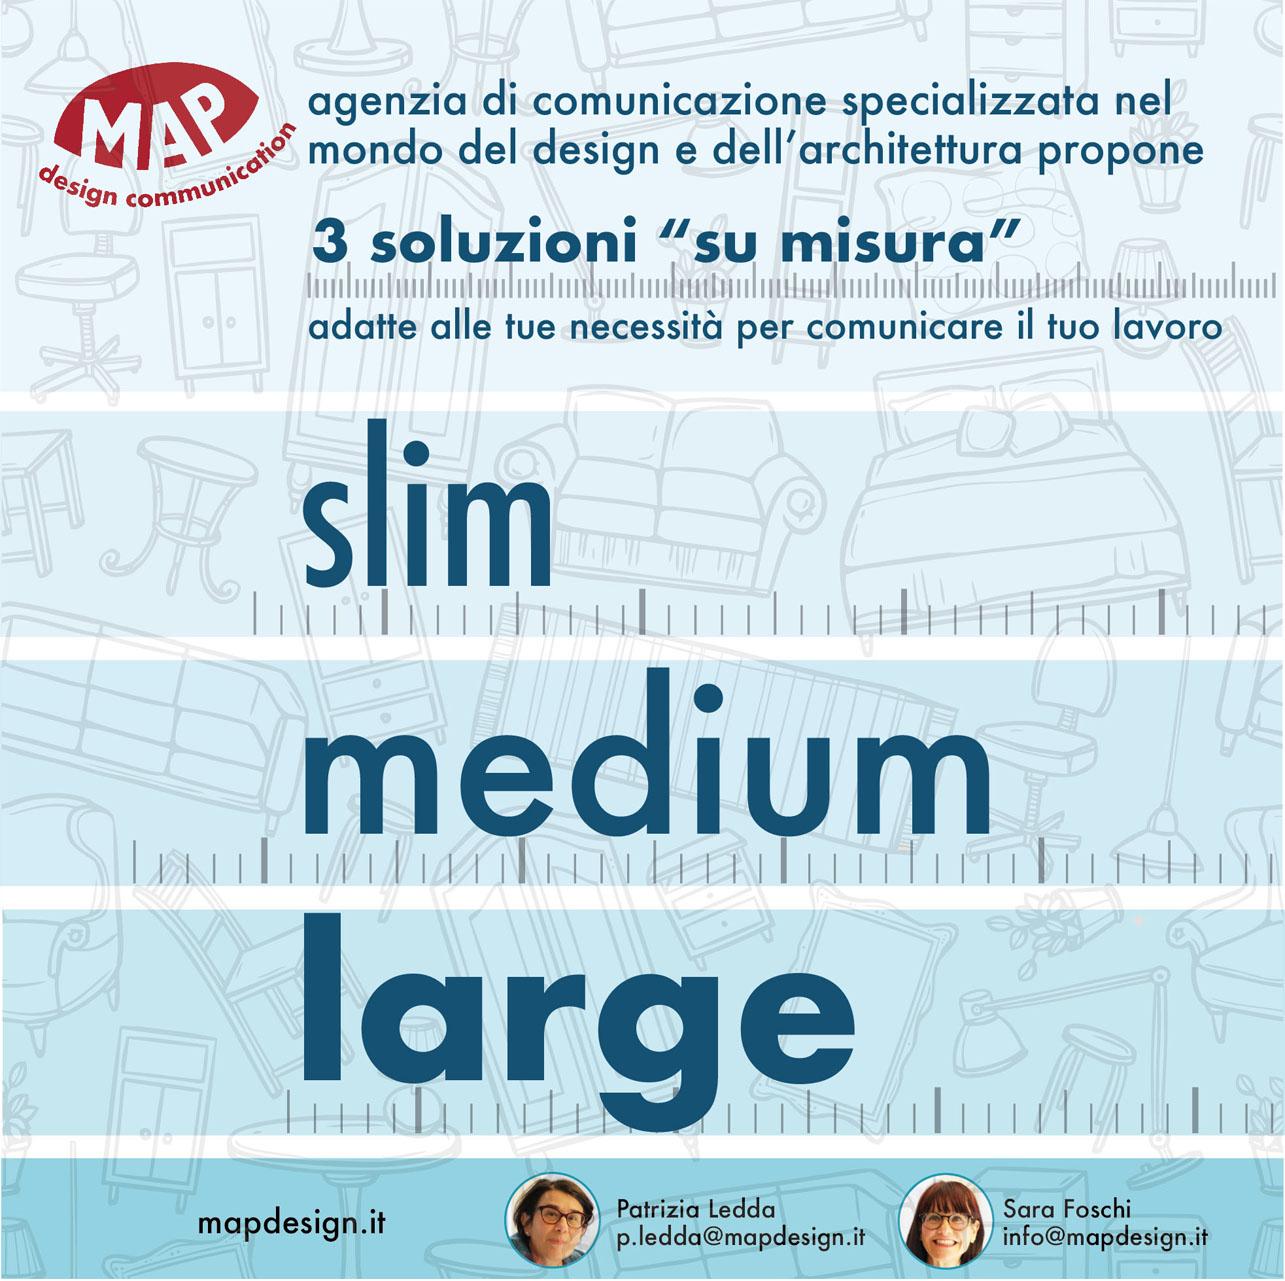 Map Design – comunicazione 'su Misura' per il design e l'architettura